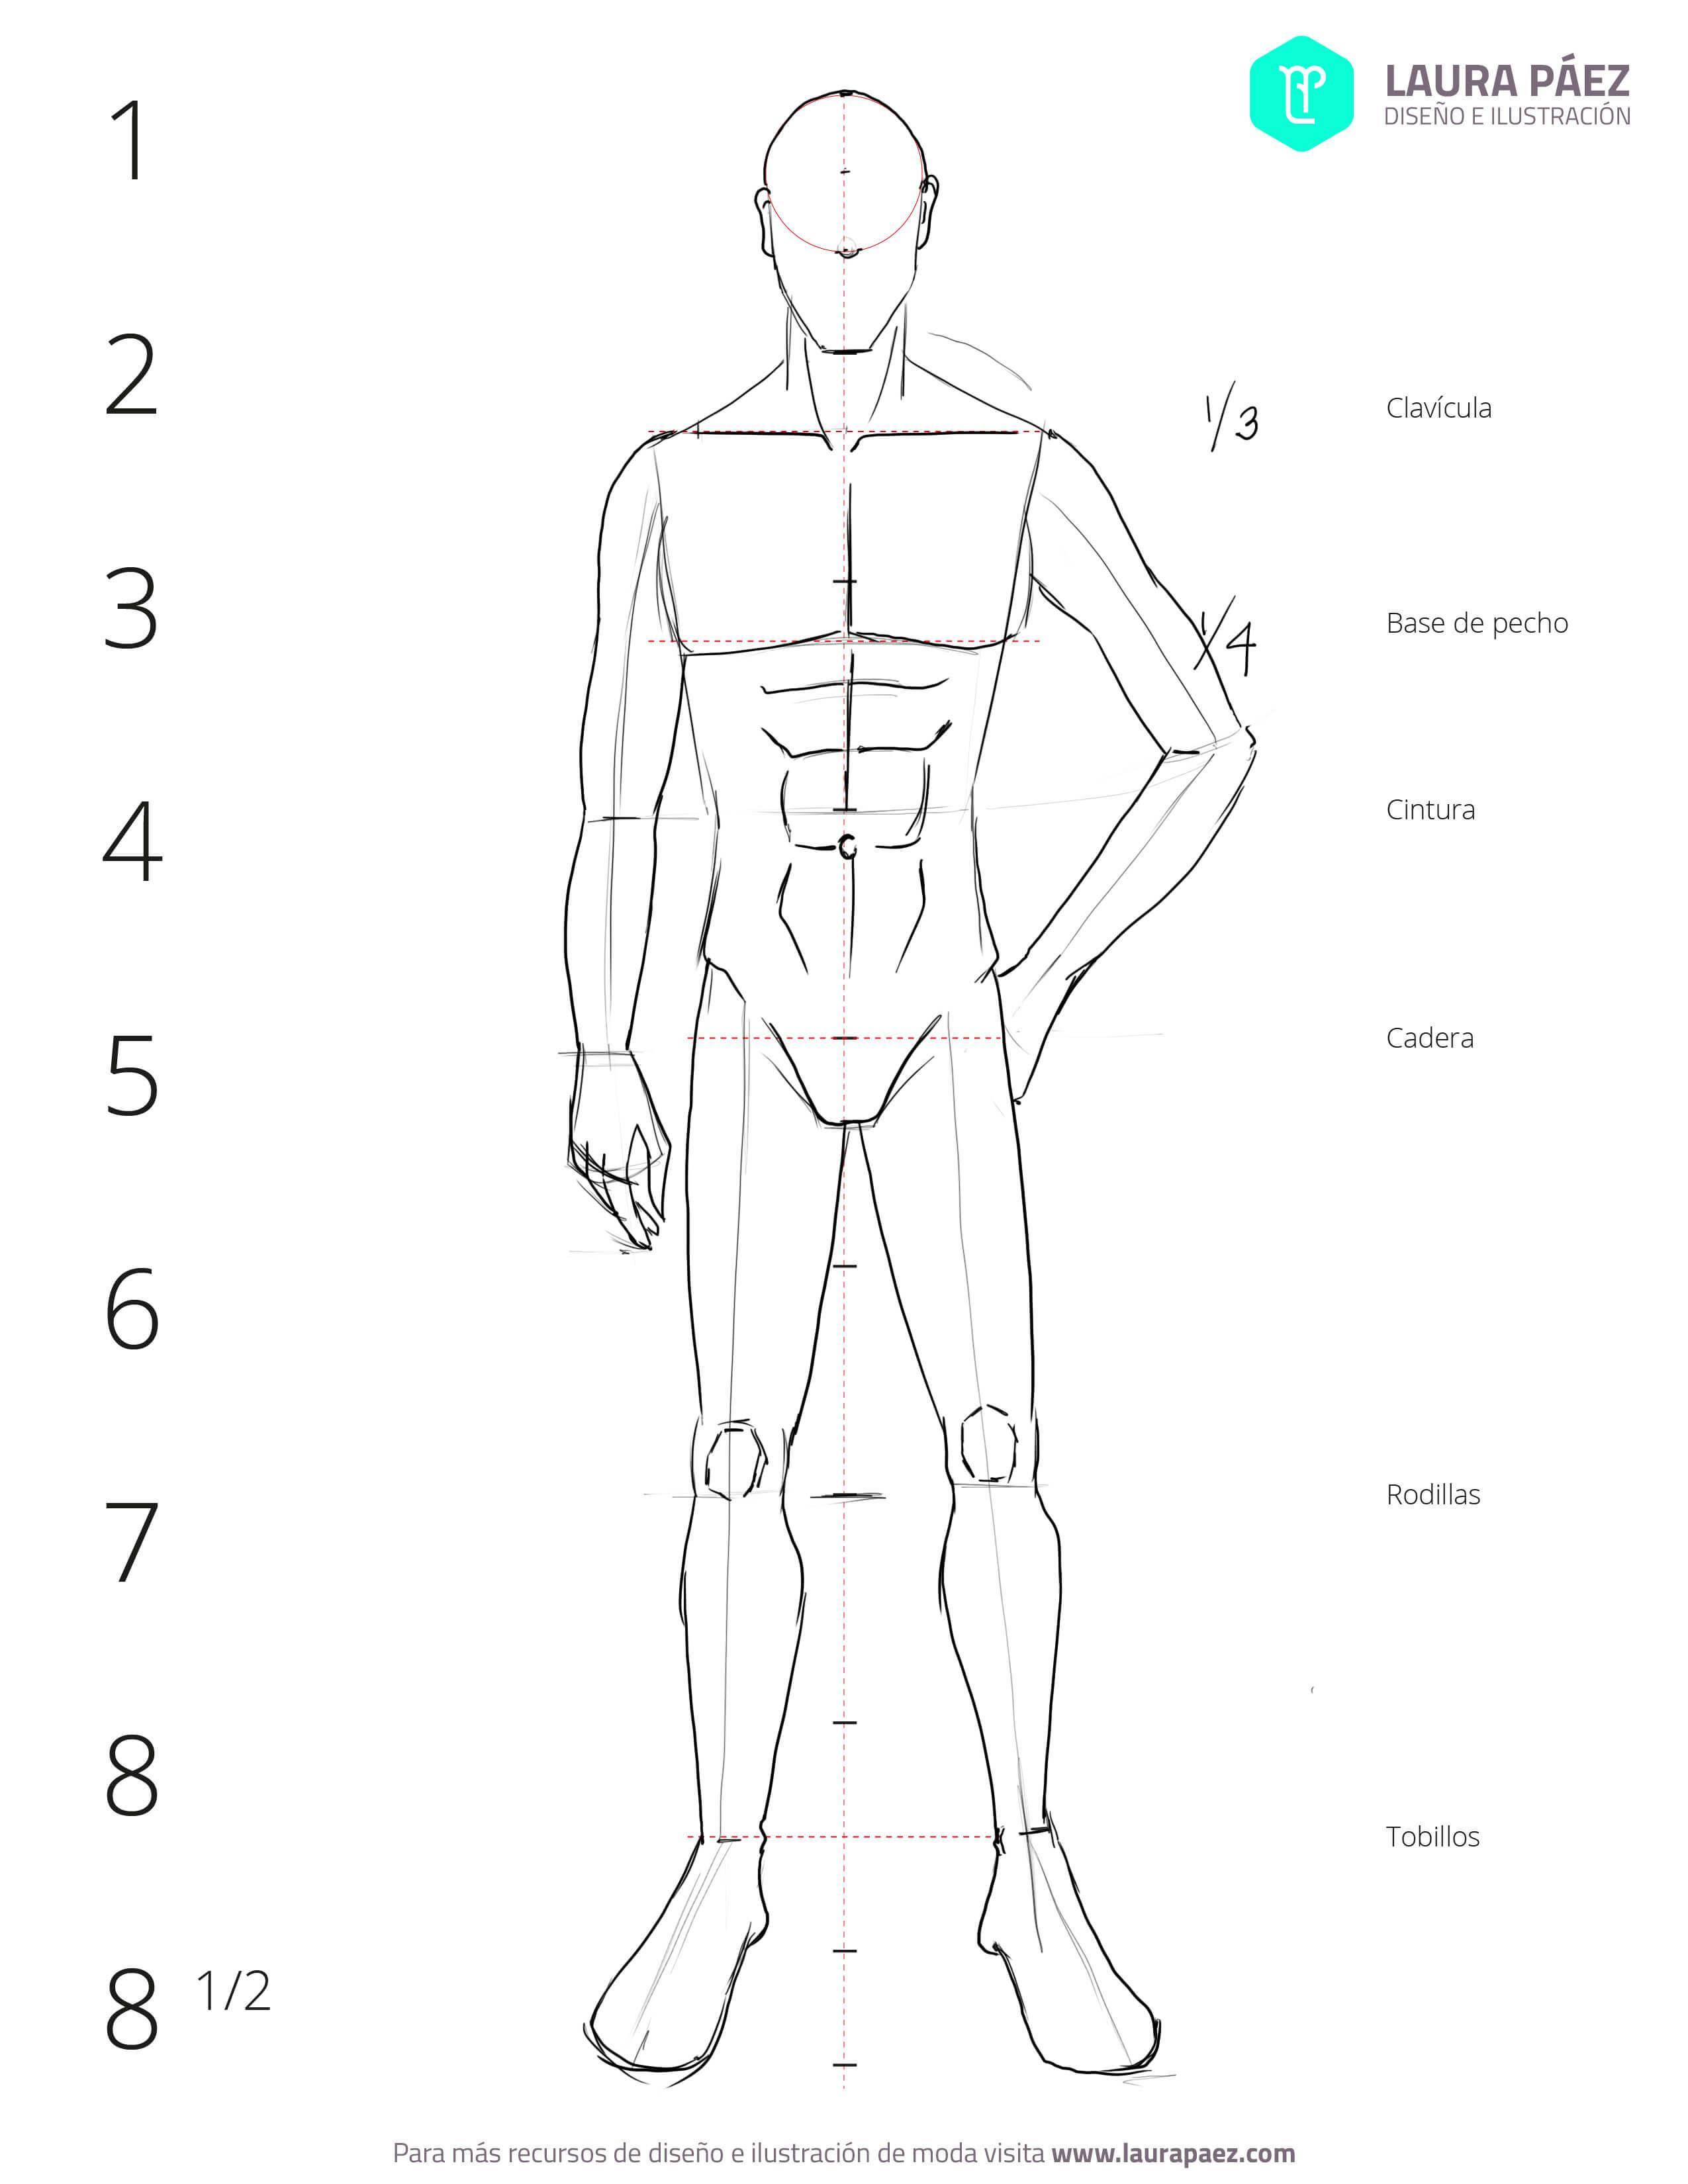 Cómo dibujar un figurín masculino